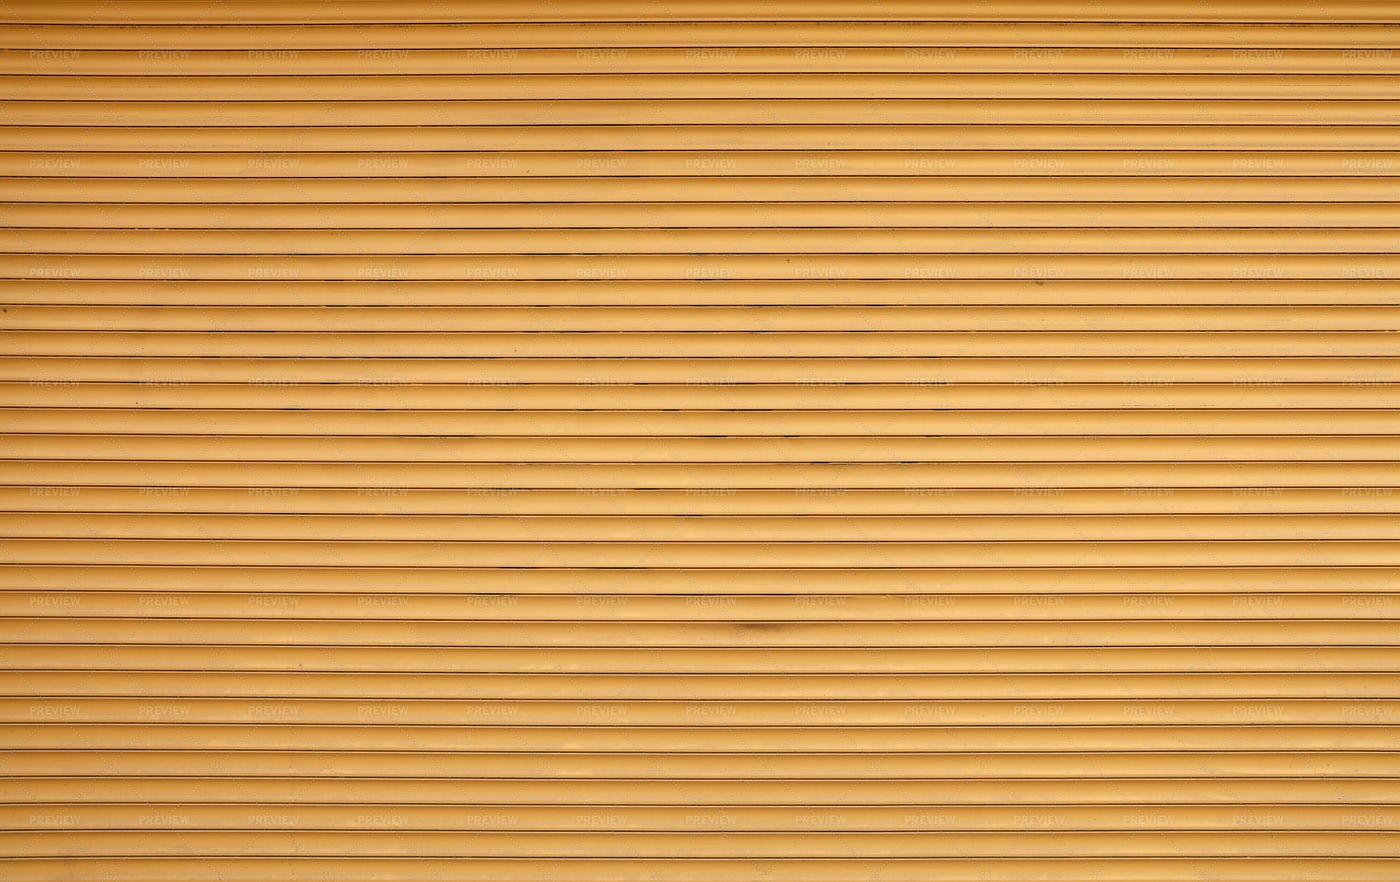 Brown Roller Shutter Blinds: Stock Photos